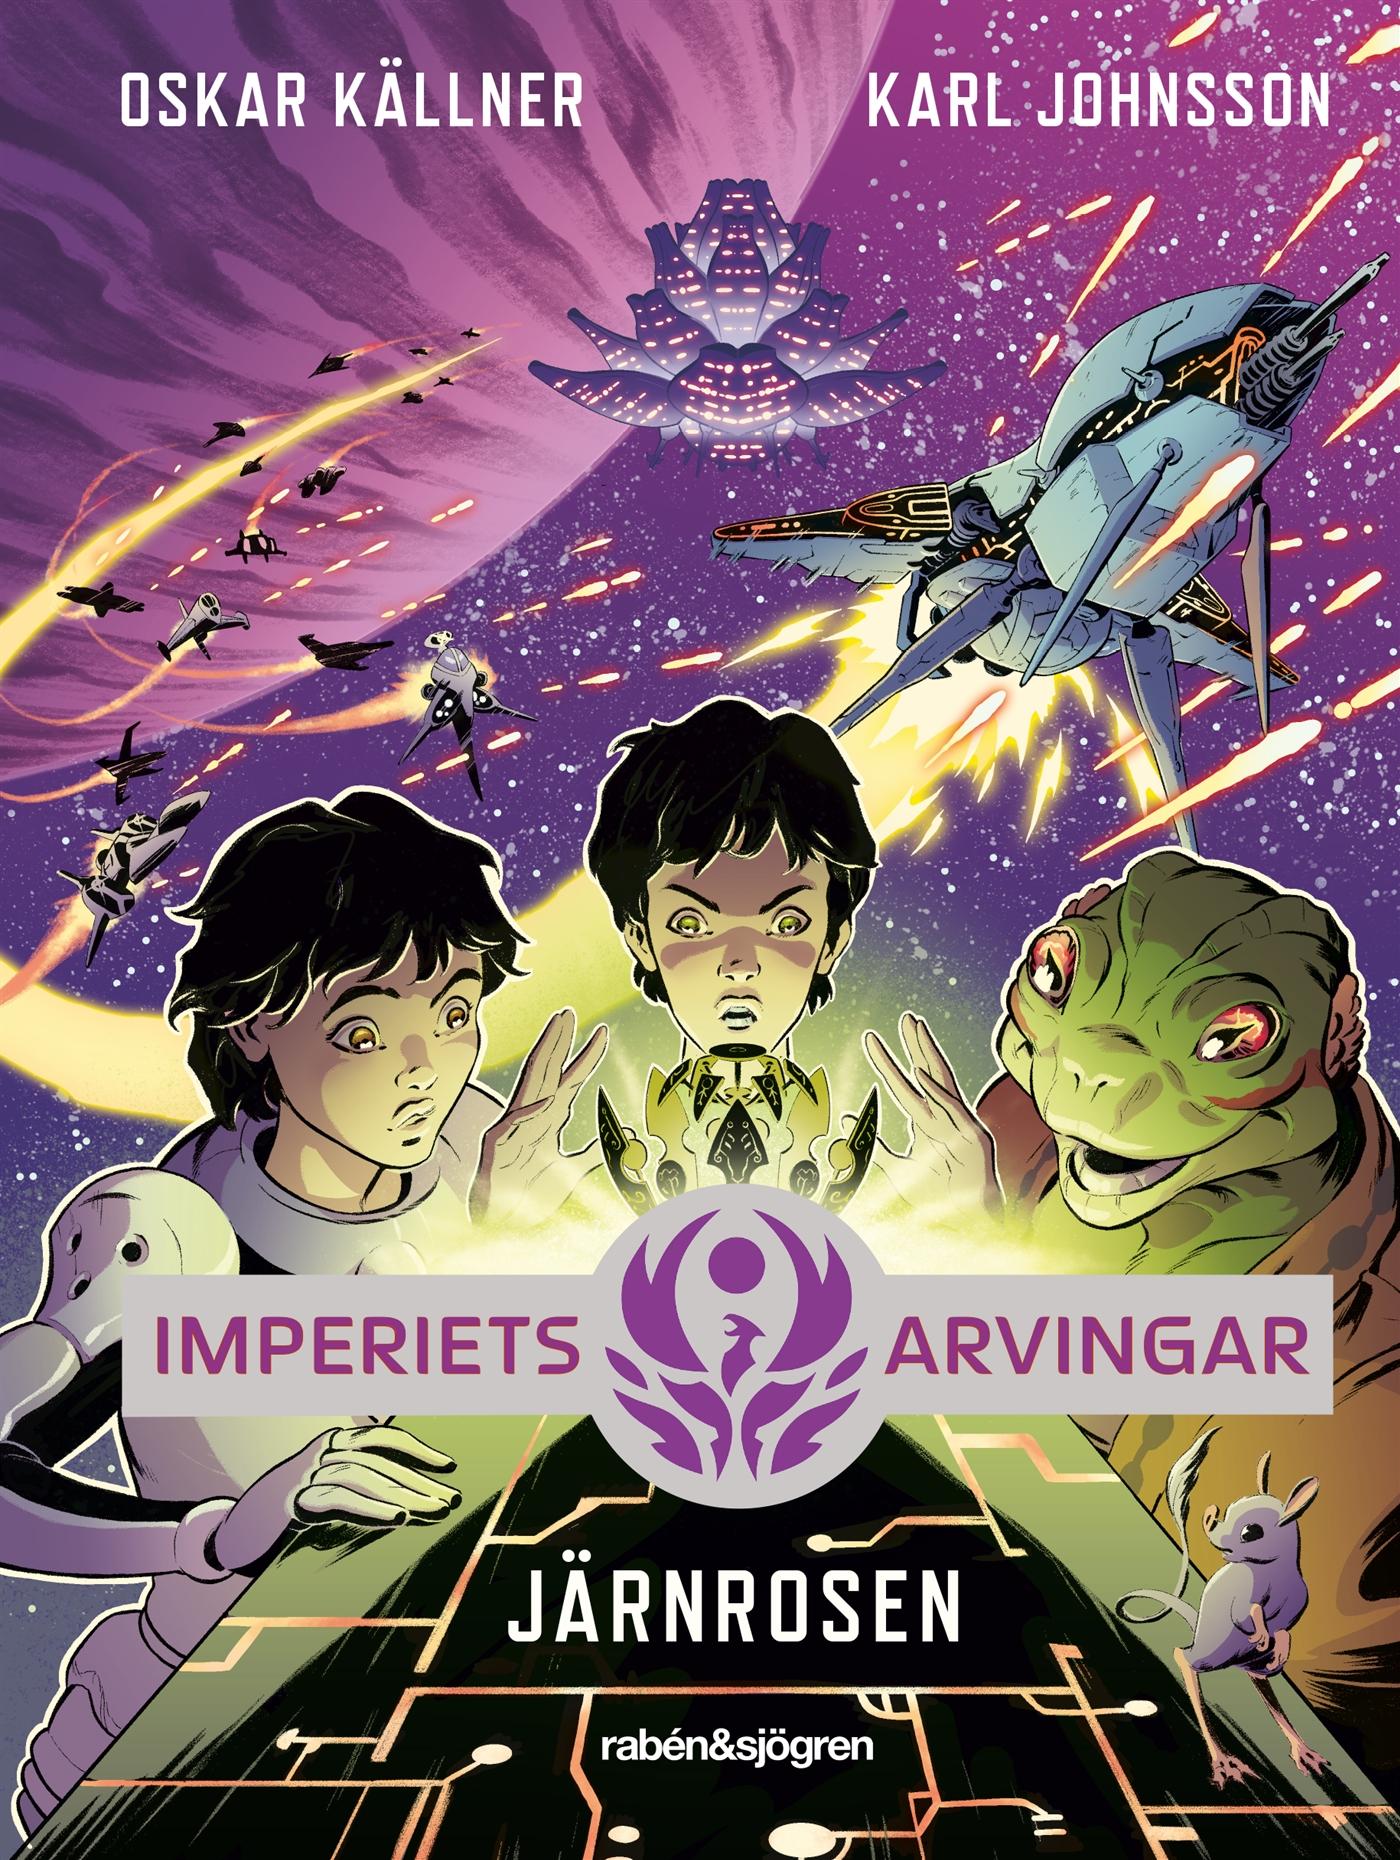 Norstedts Förlagsgrupp: Norstedts, Rabén & Sjögren och B Wahlströms